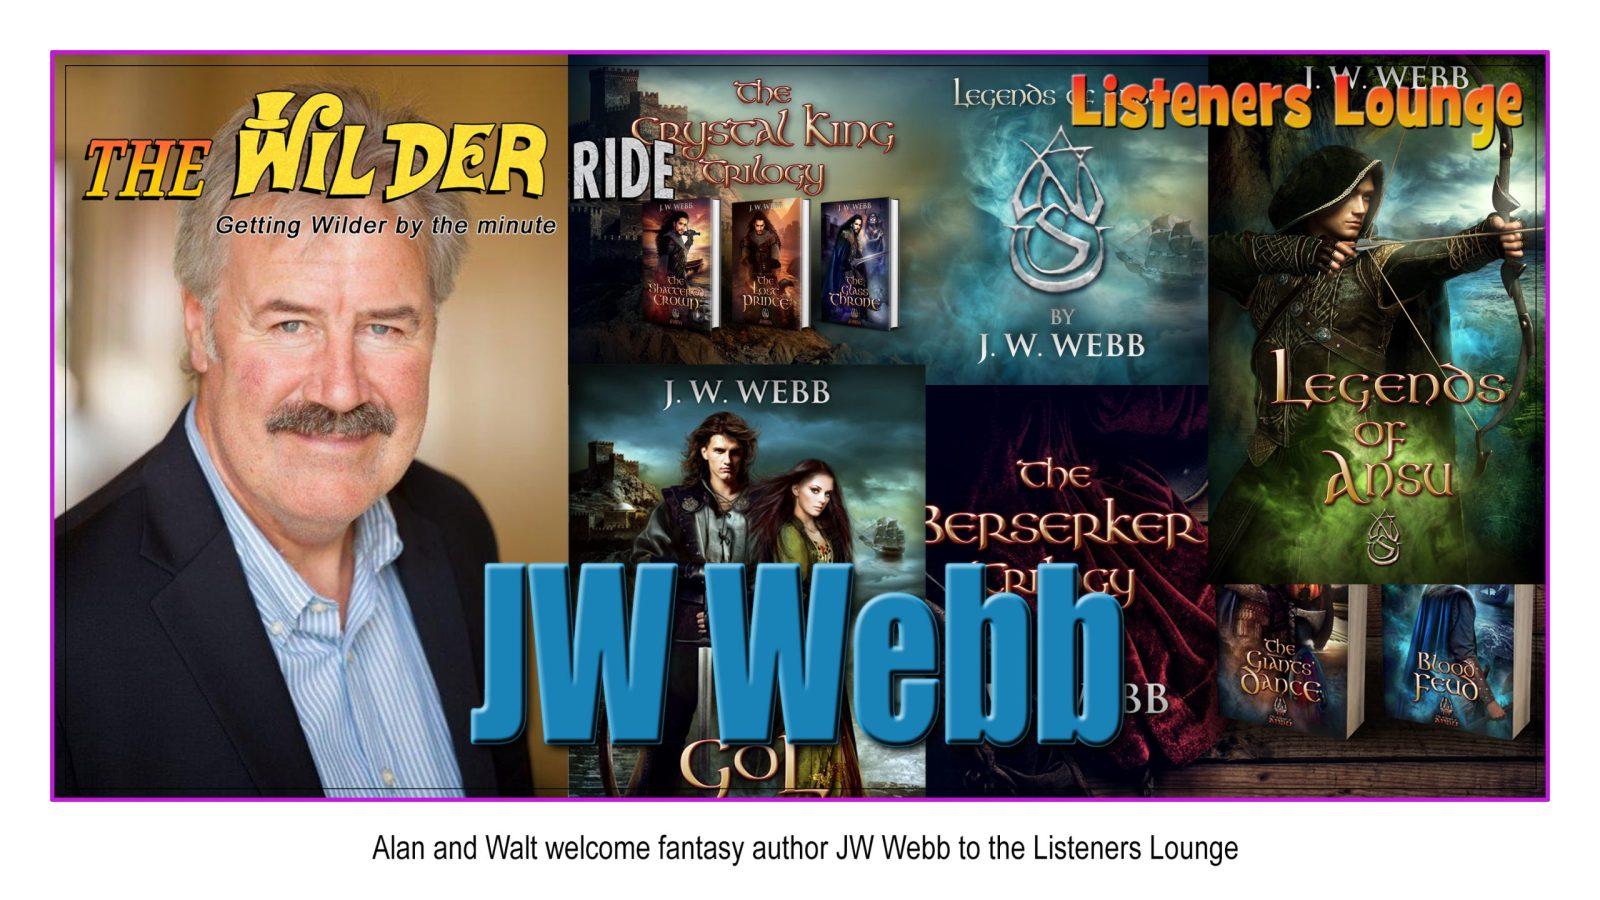 JW Webb